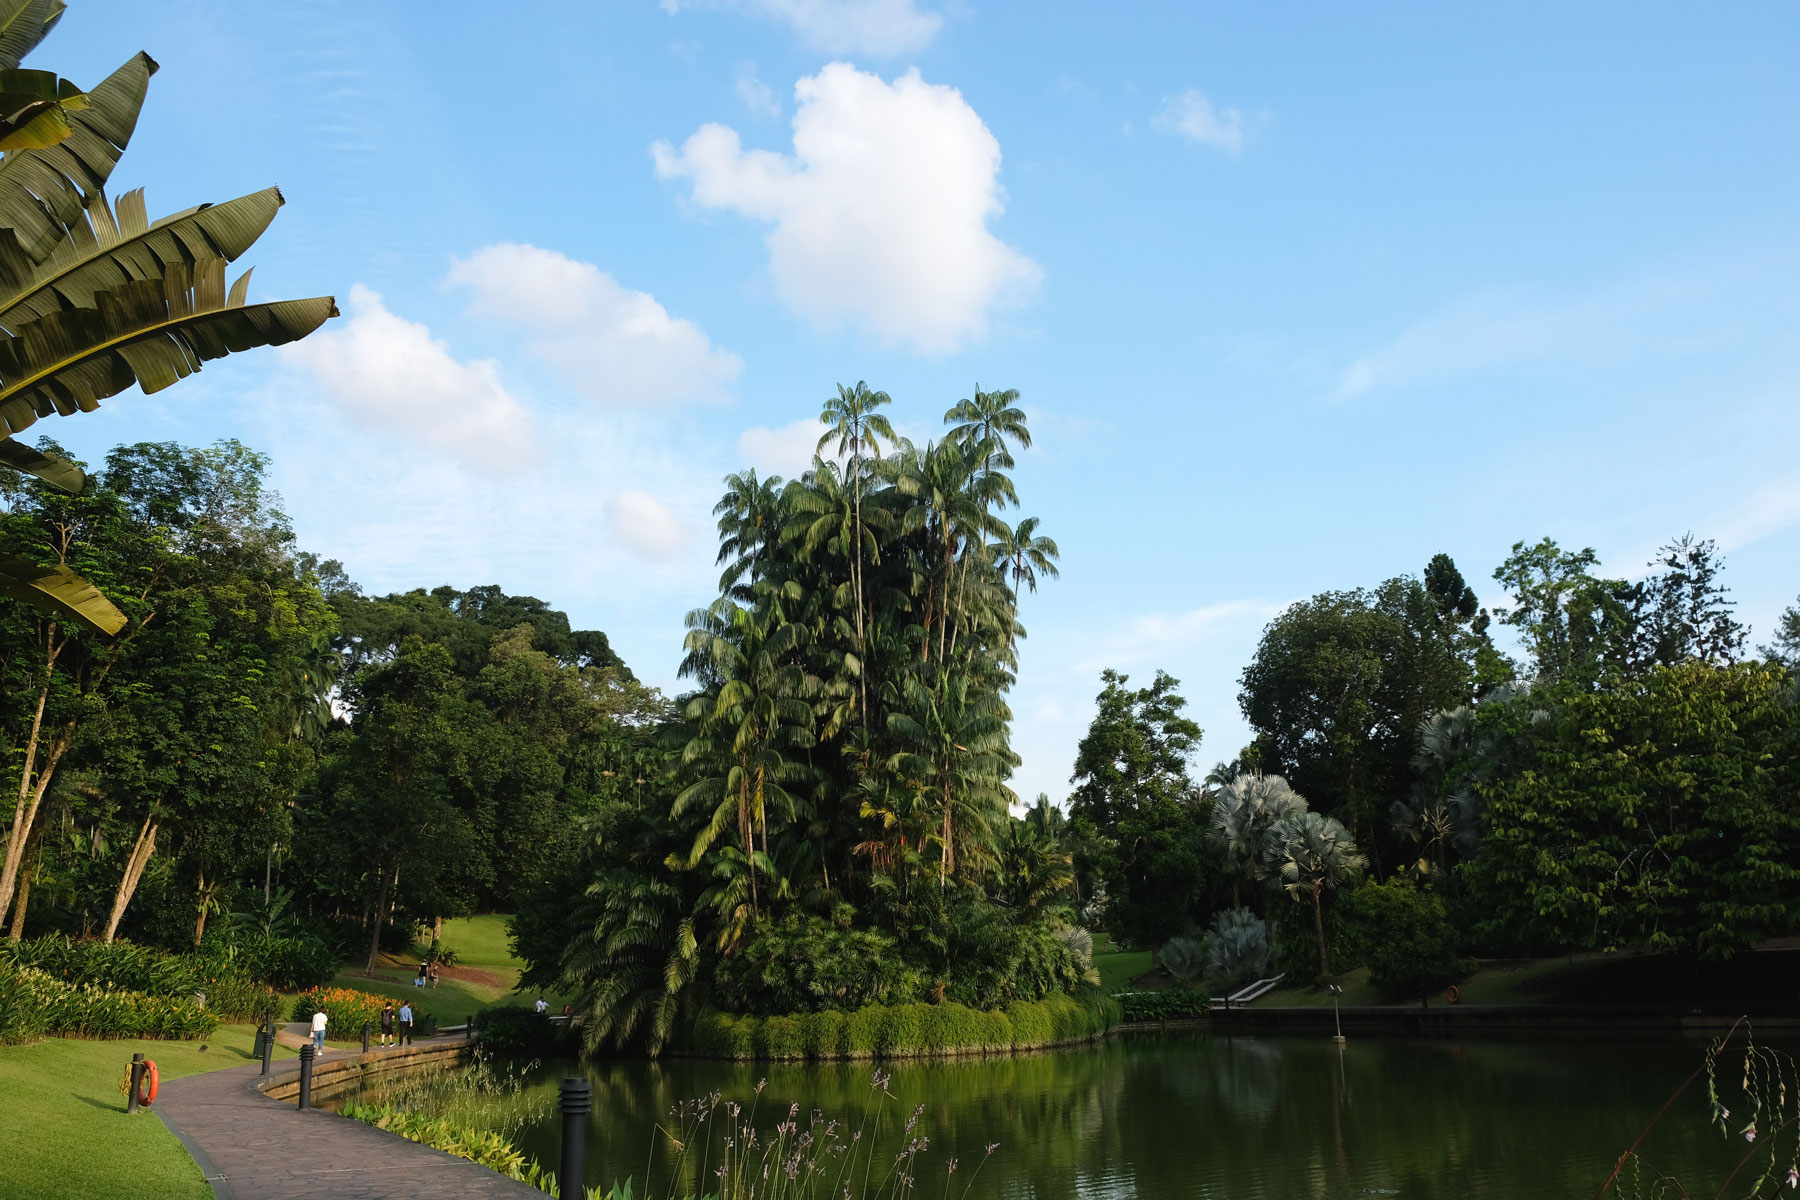 Palmen im botanischen Garten in Singapur.